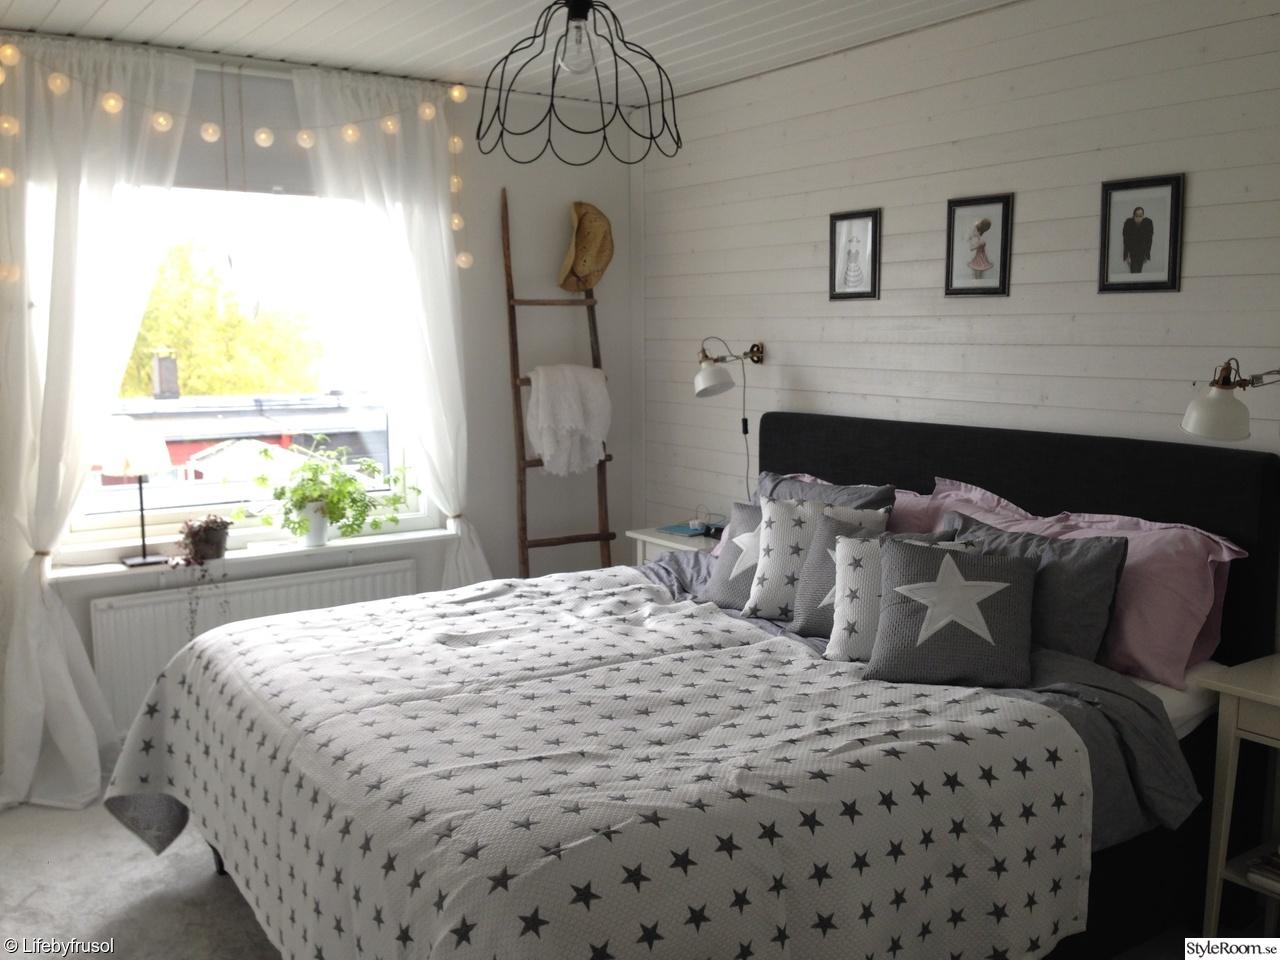 Sovrum 70 tal   inspiration och idéer till ditt hem